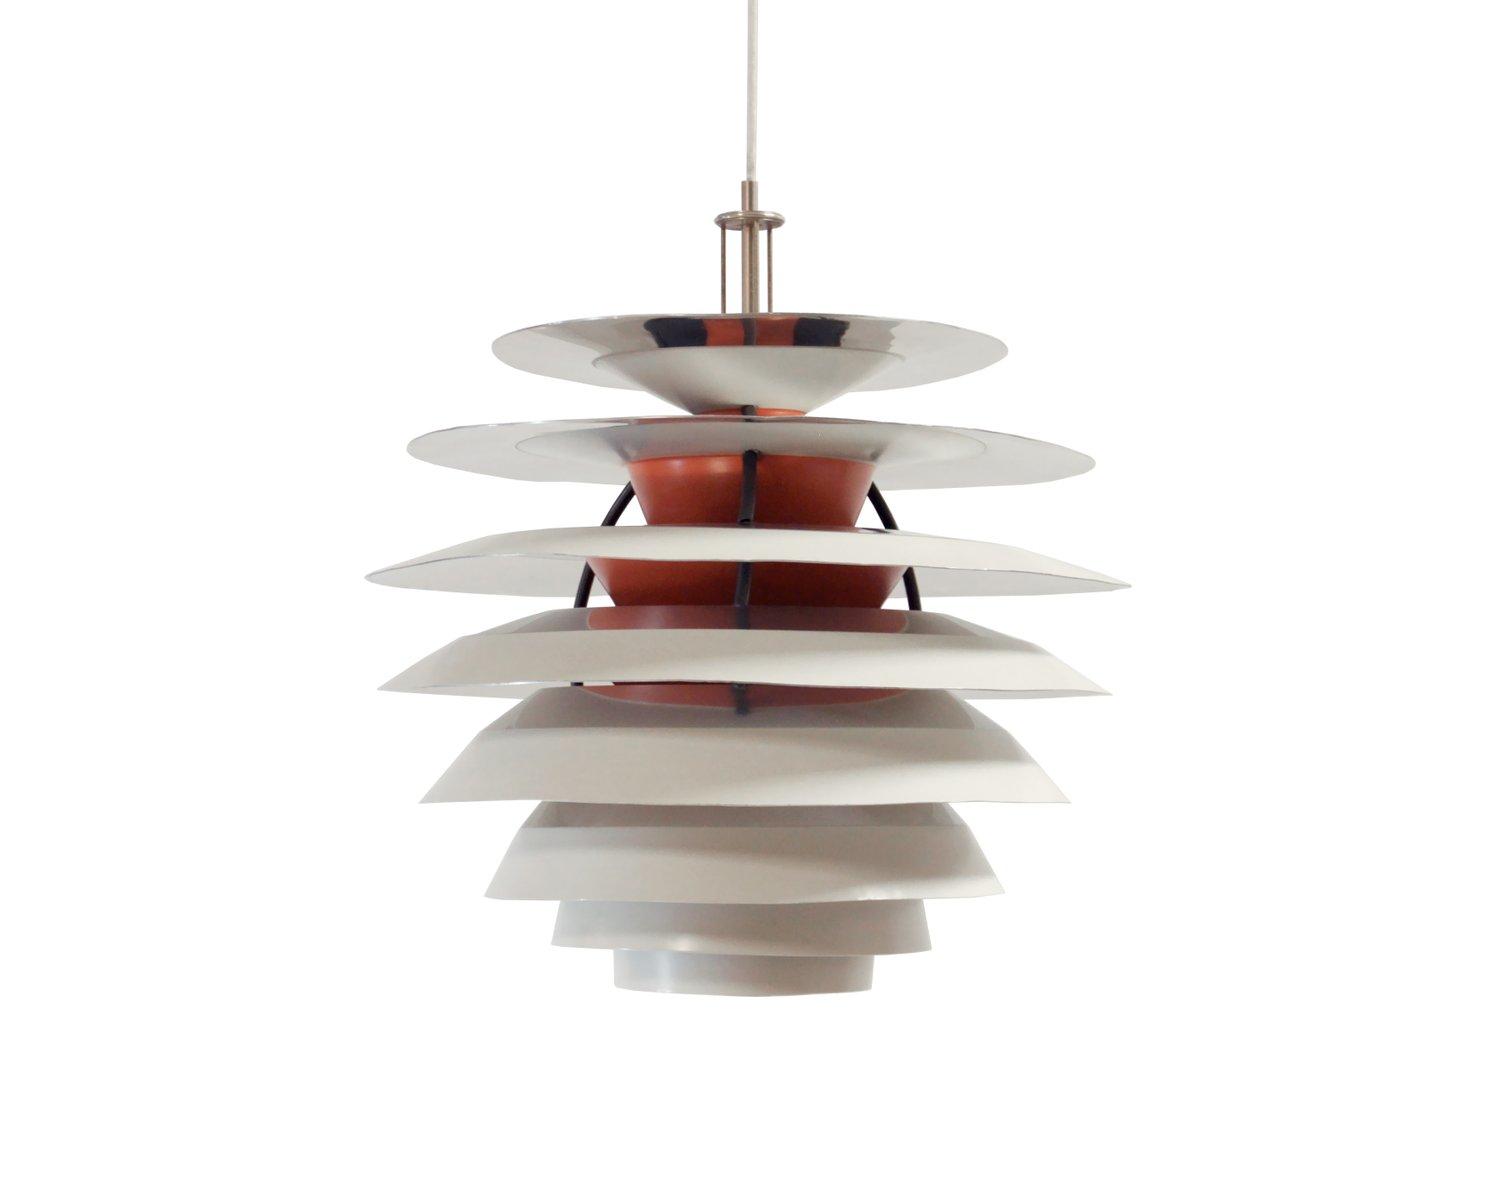 Kontrast Deckenlampe von Poul Henningsen für Louis Poulsen, 1960er